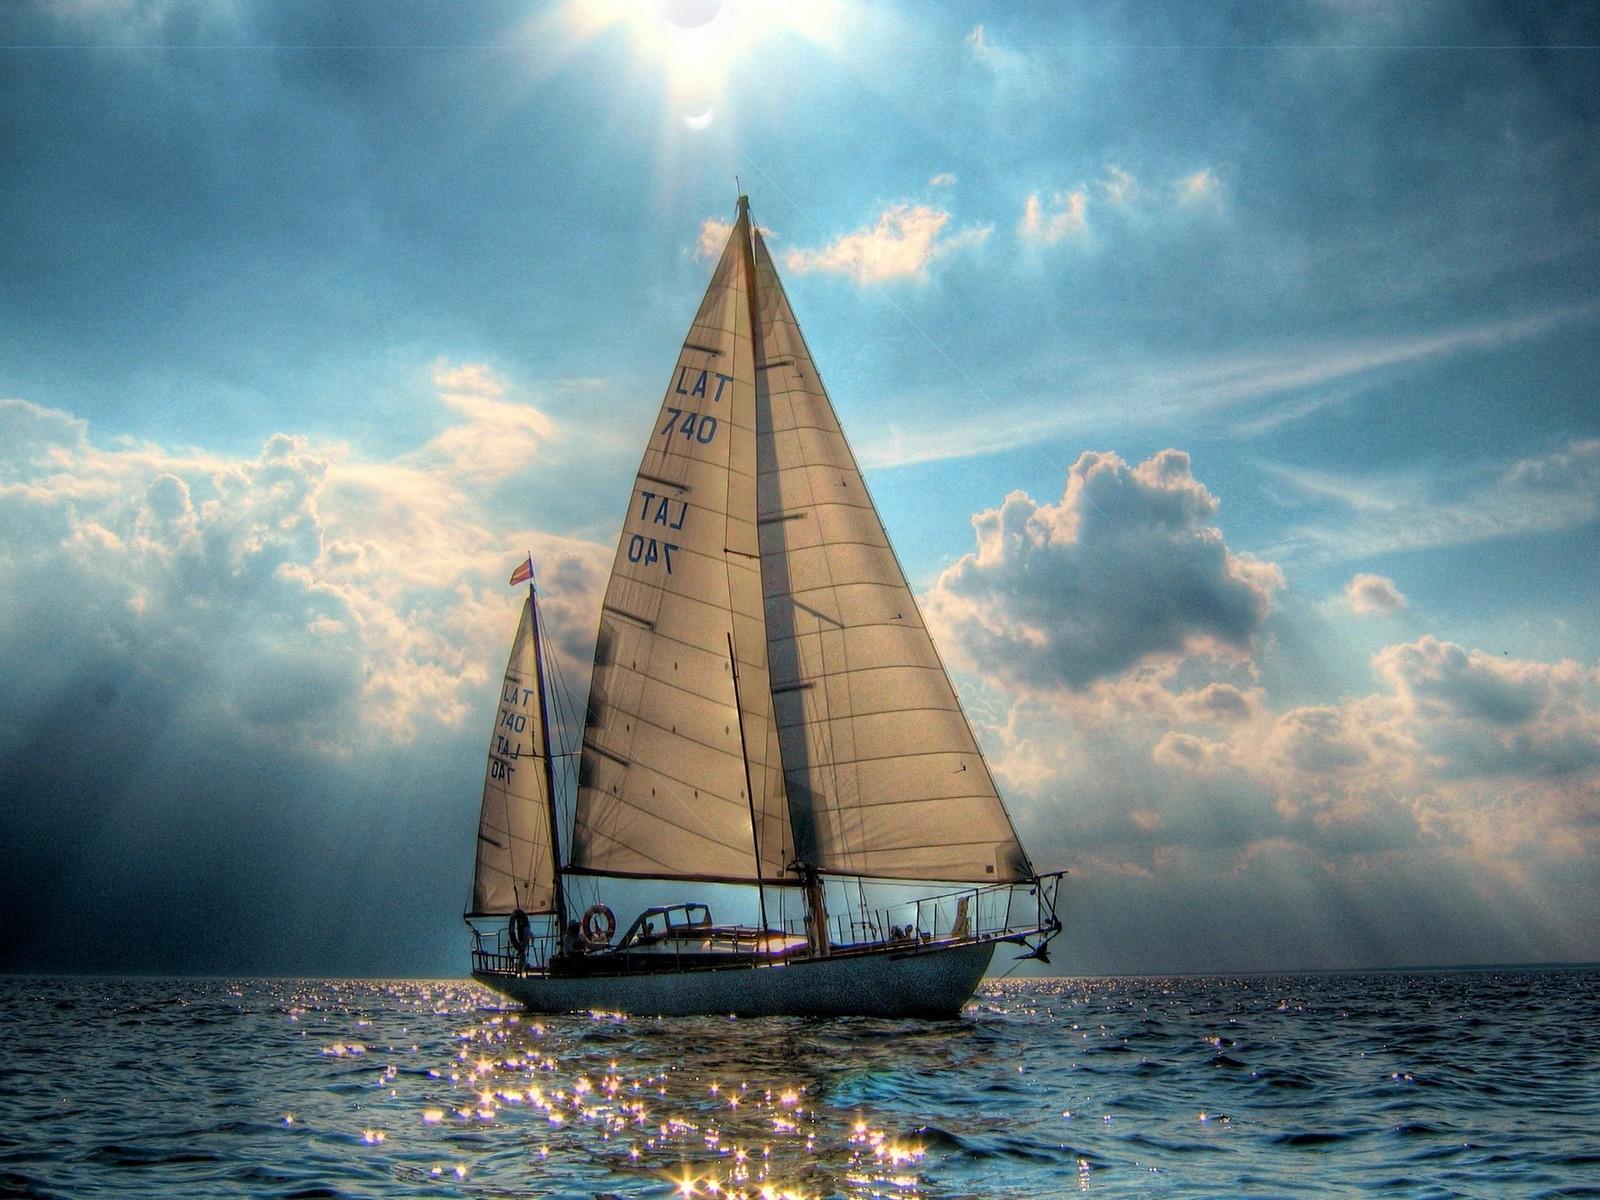 Beautiful Boat Wallpaper